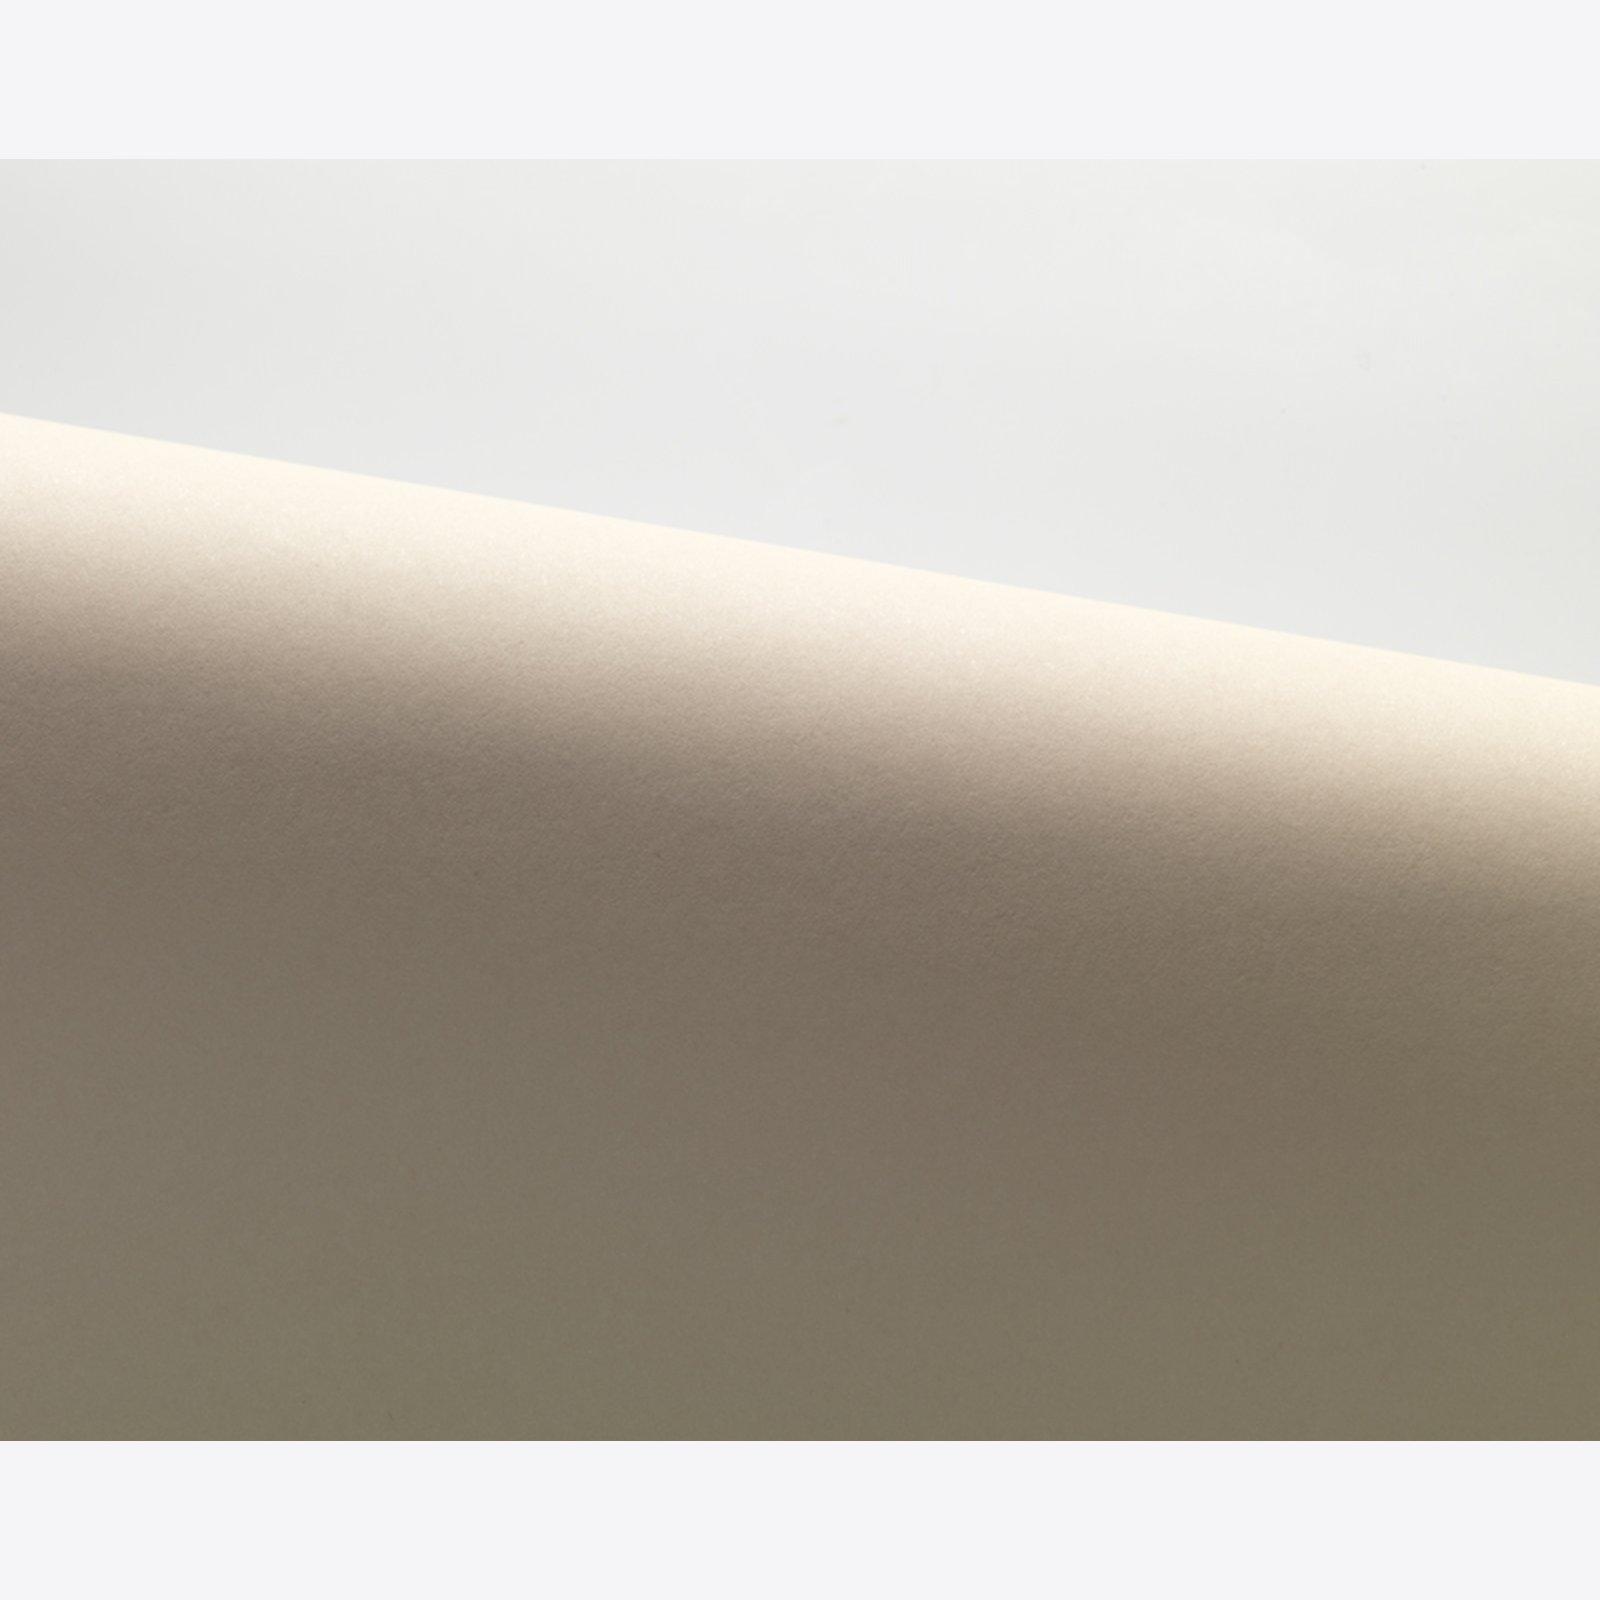 Sirio color sabbia gro bogen 70 x 100 cm 2 65 for Color sabbia